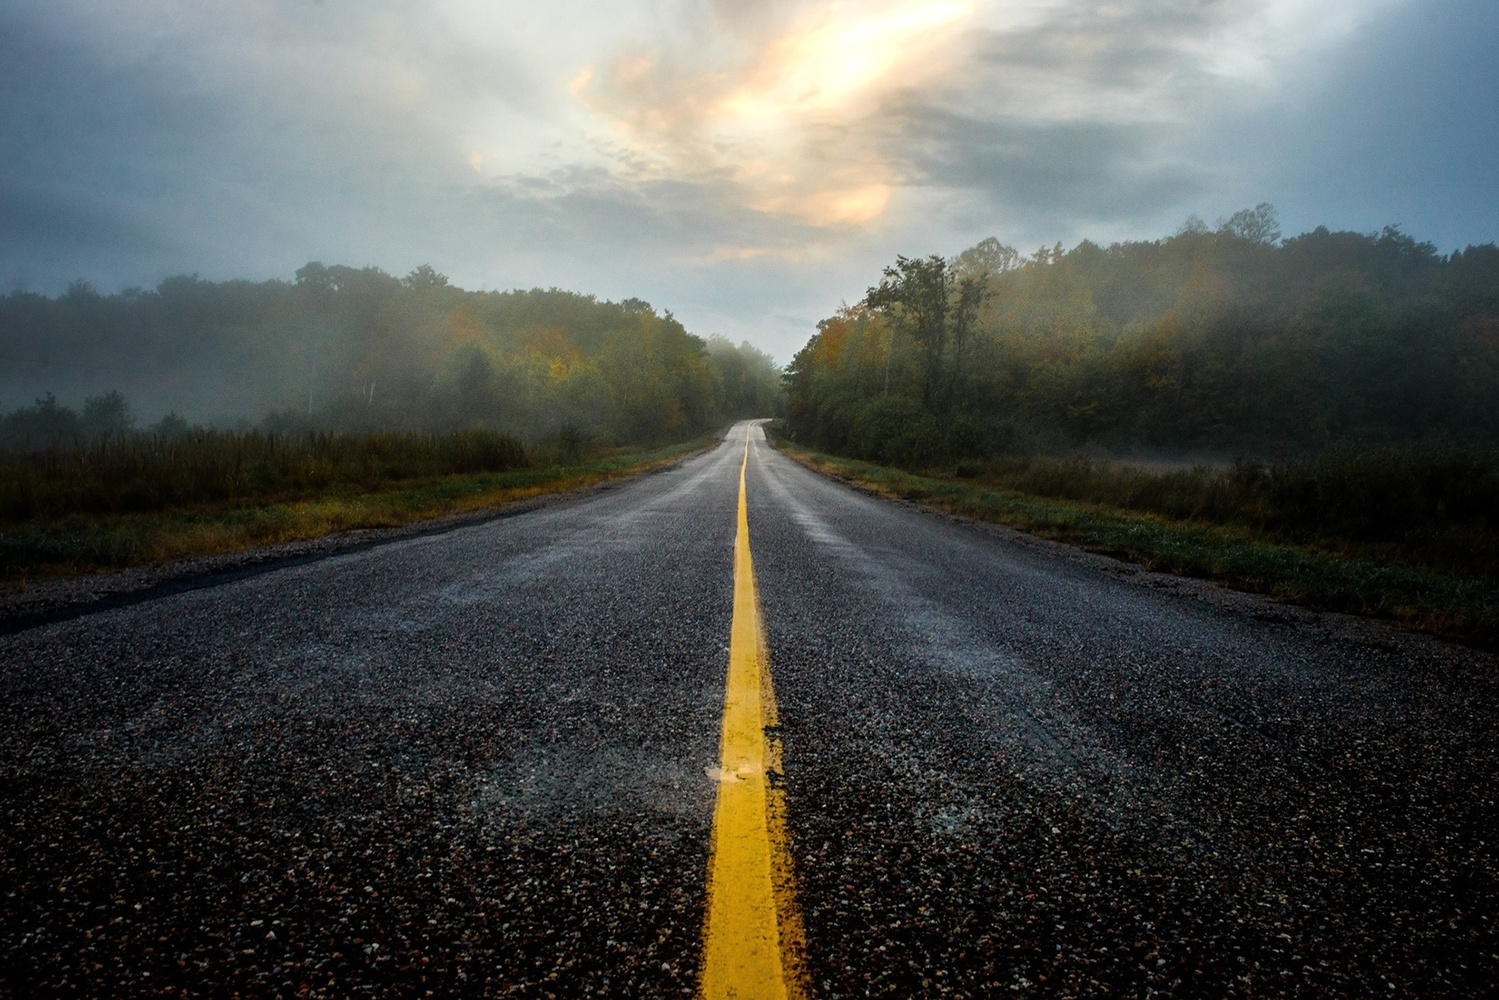 Ardoch road by Michael Higgins